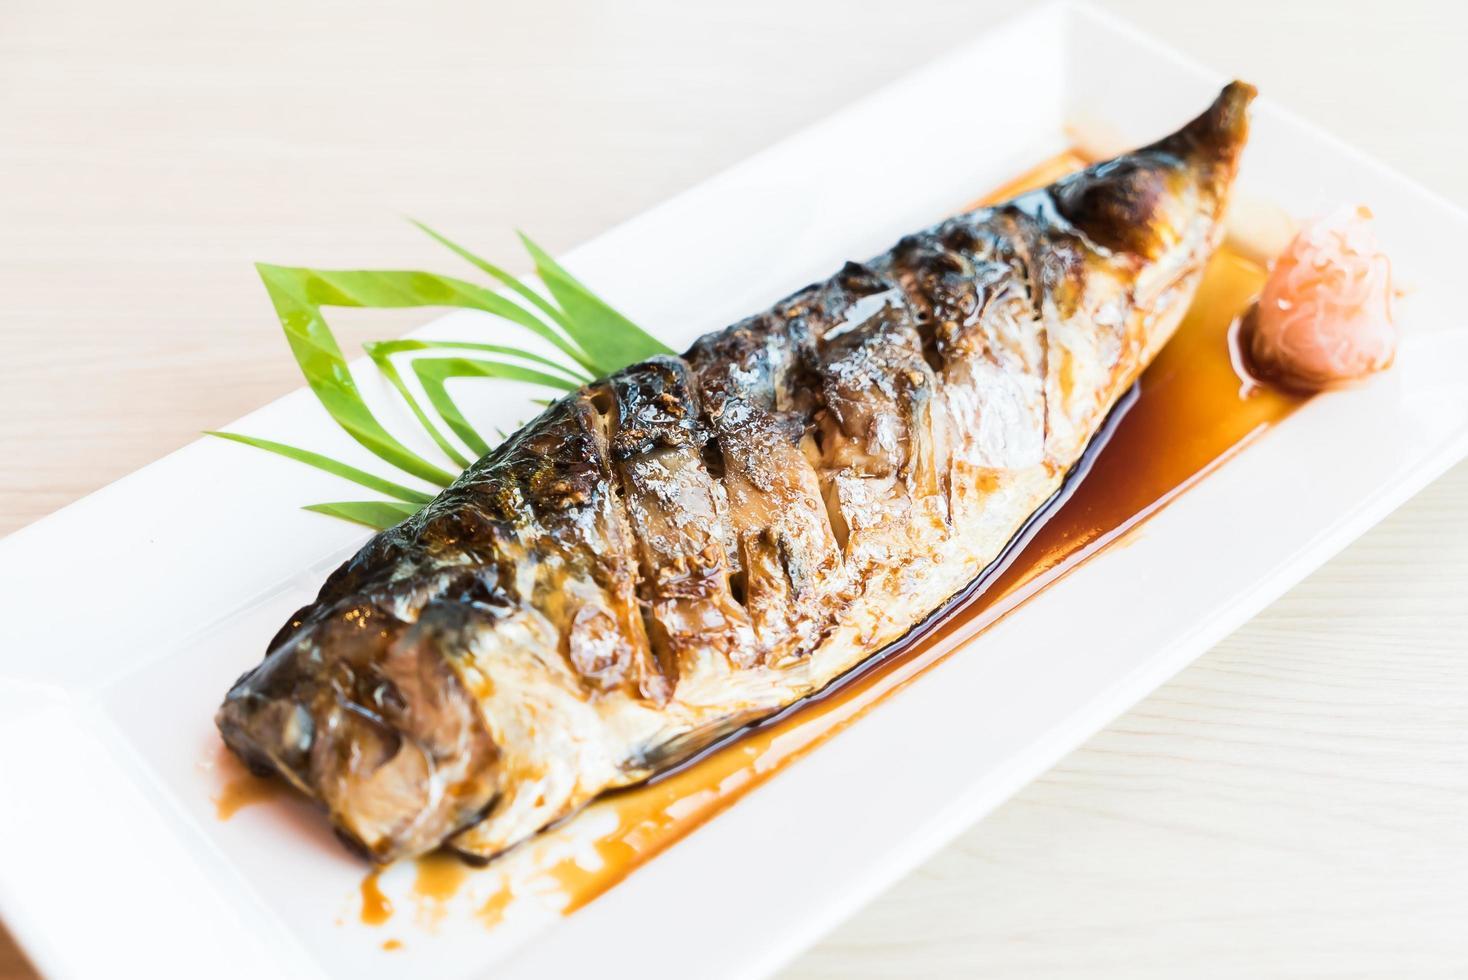 grillad sabafisk med svart söt sås foto